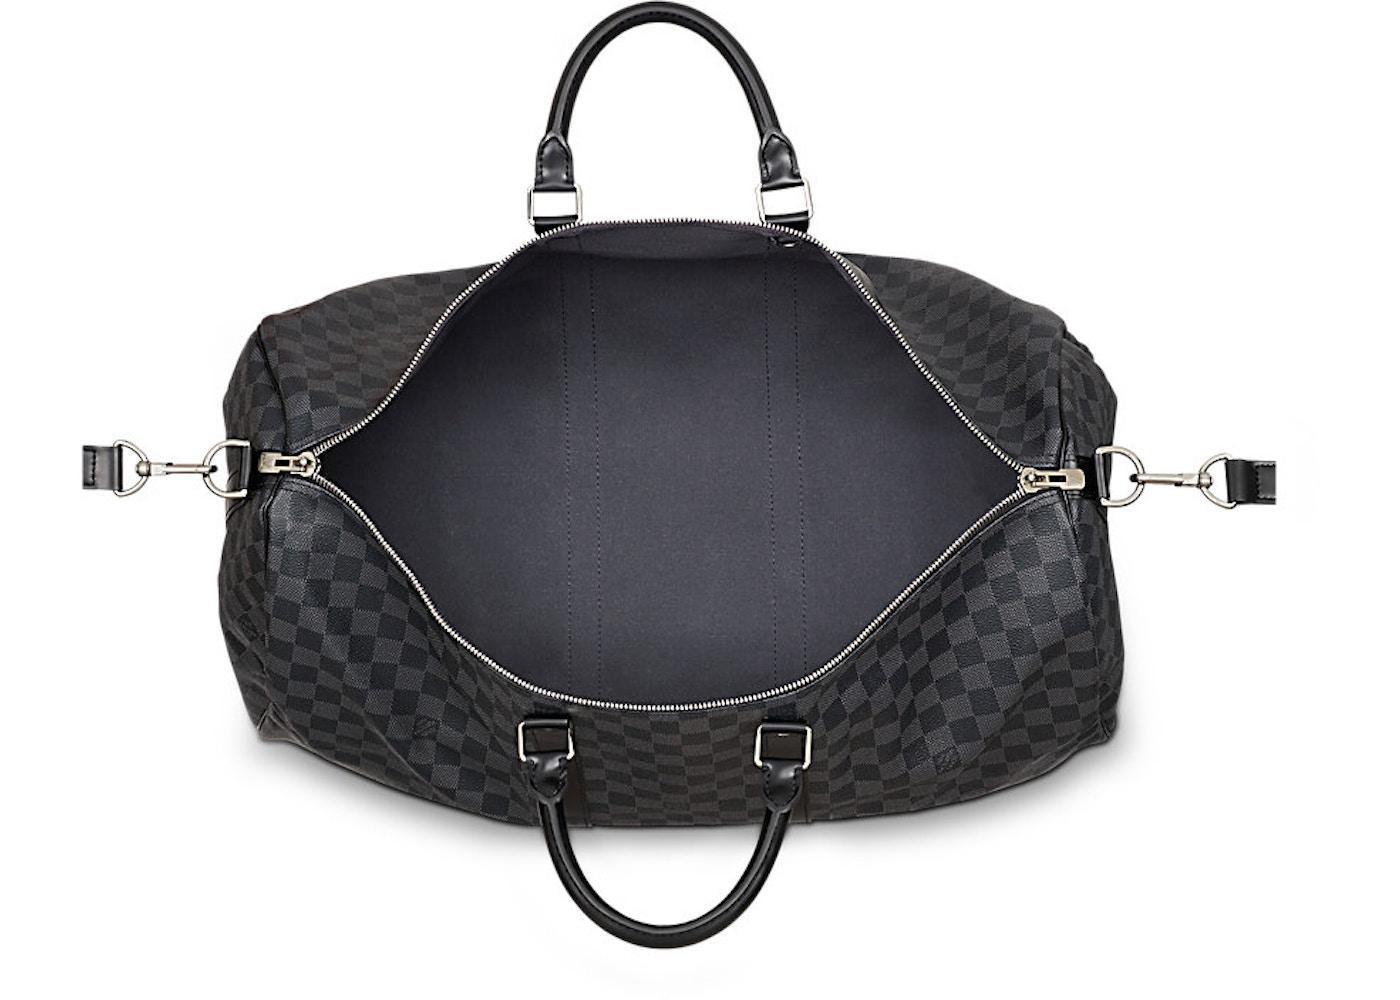 16145d0ffa3ae Buy   Sell Louis Vuitton Keepall Handbags